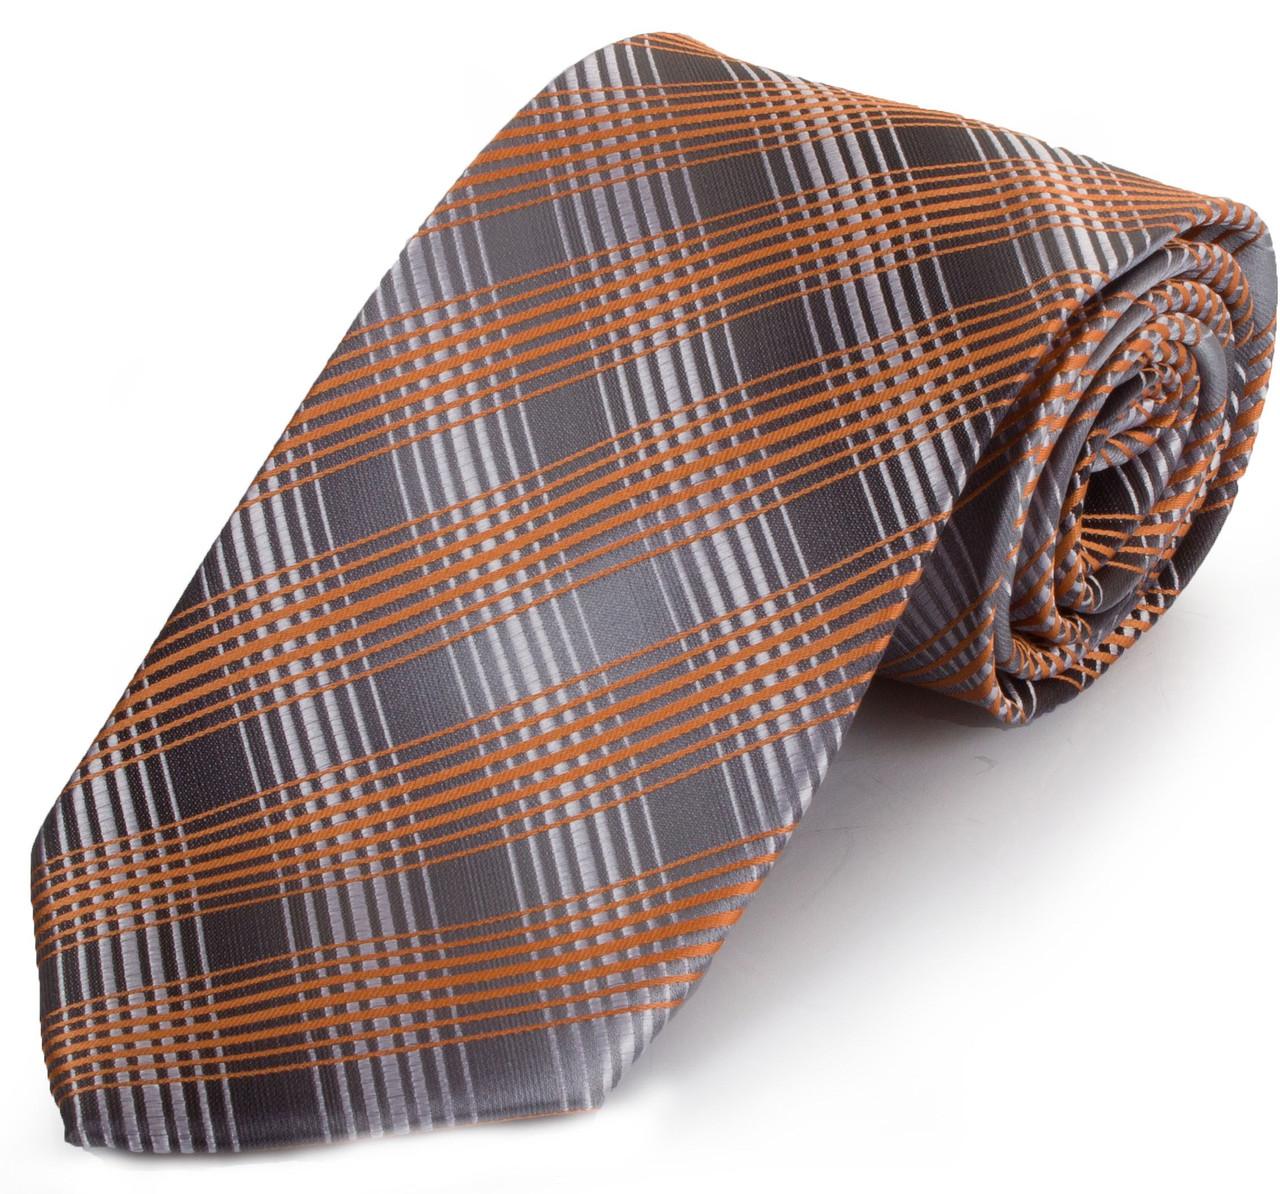 Насыщенный мужской широкий галстук SCHONAU & HOUCKEN (ШЕНАУ & ХОЙКЕН) FAREPS-93 оранжевый